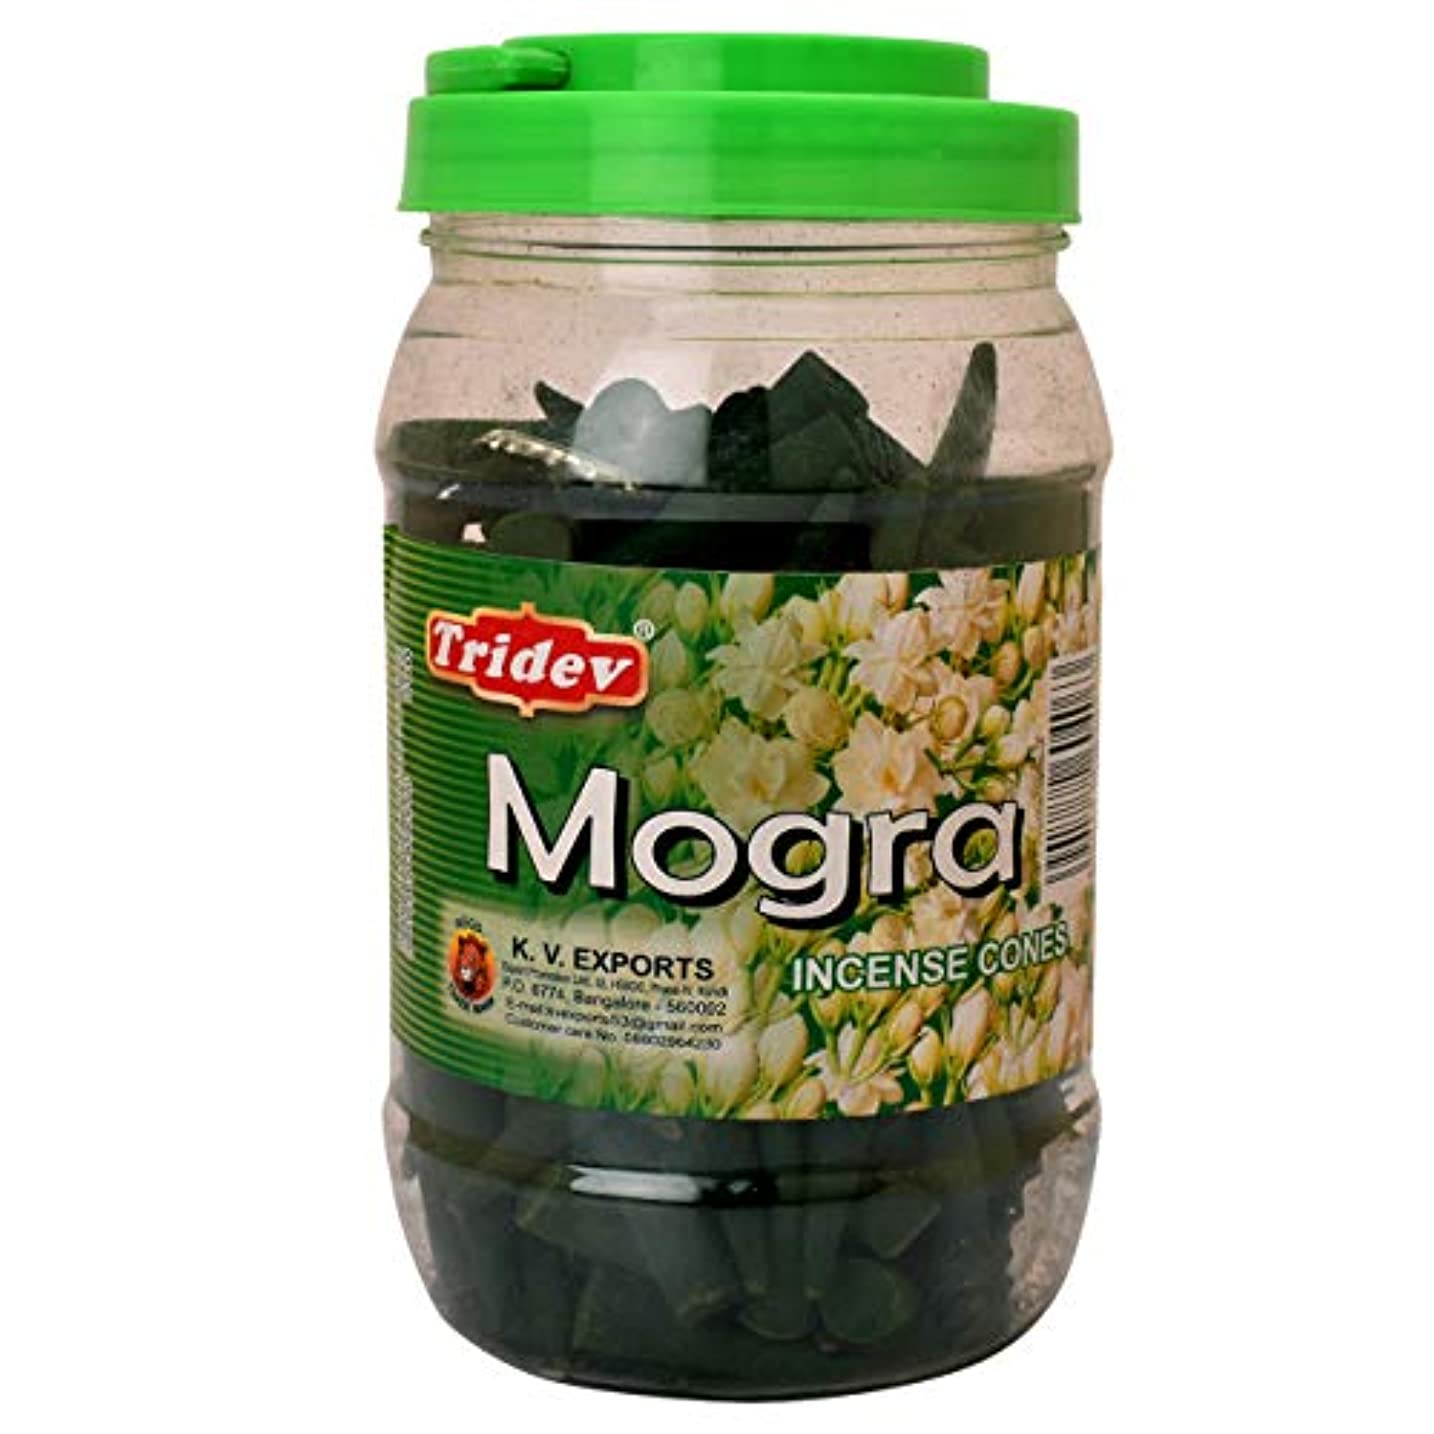 望まない模倣若者Tridev Mogra フレグランス コーン型お香 500グラム 瓶 輸出品質